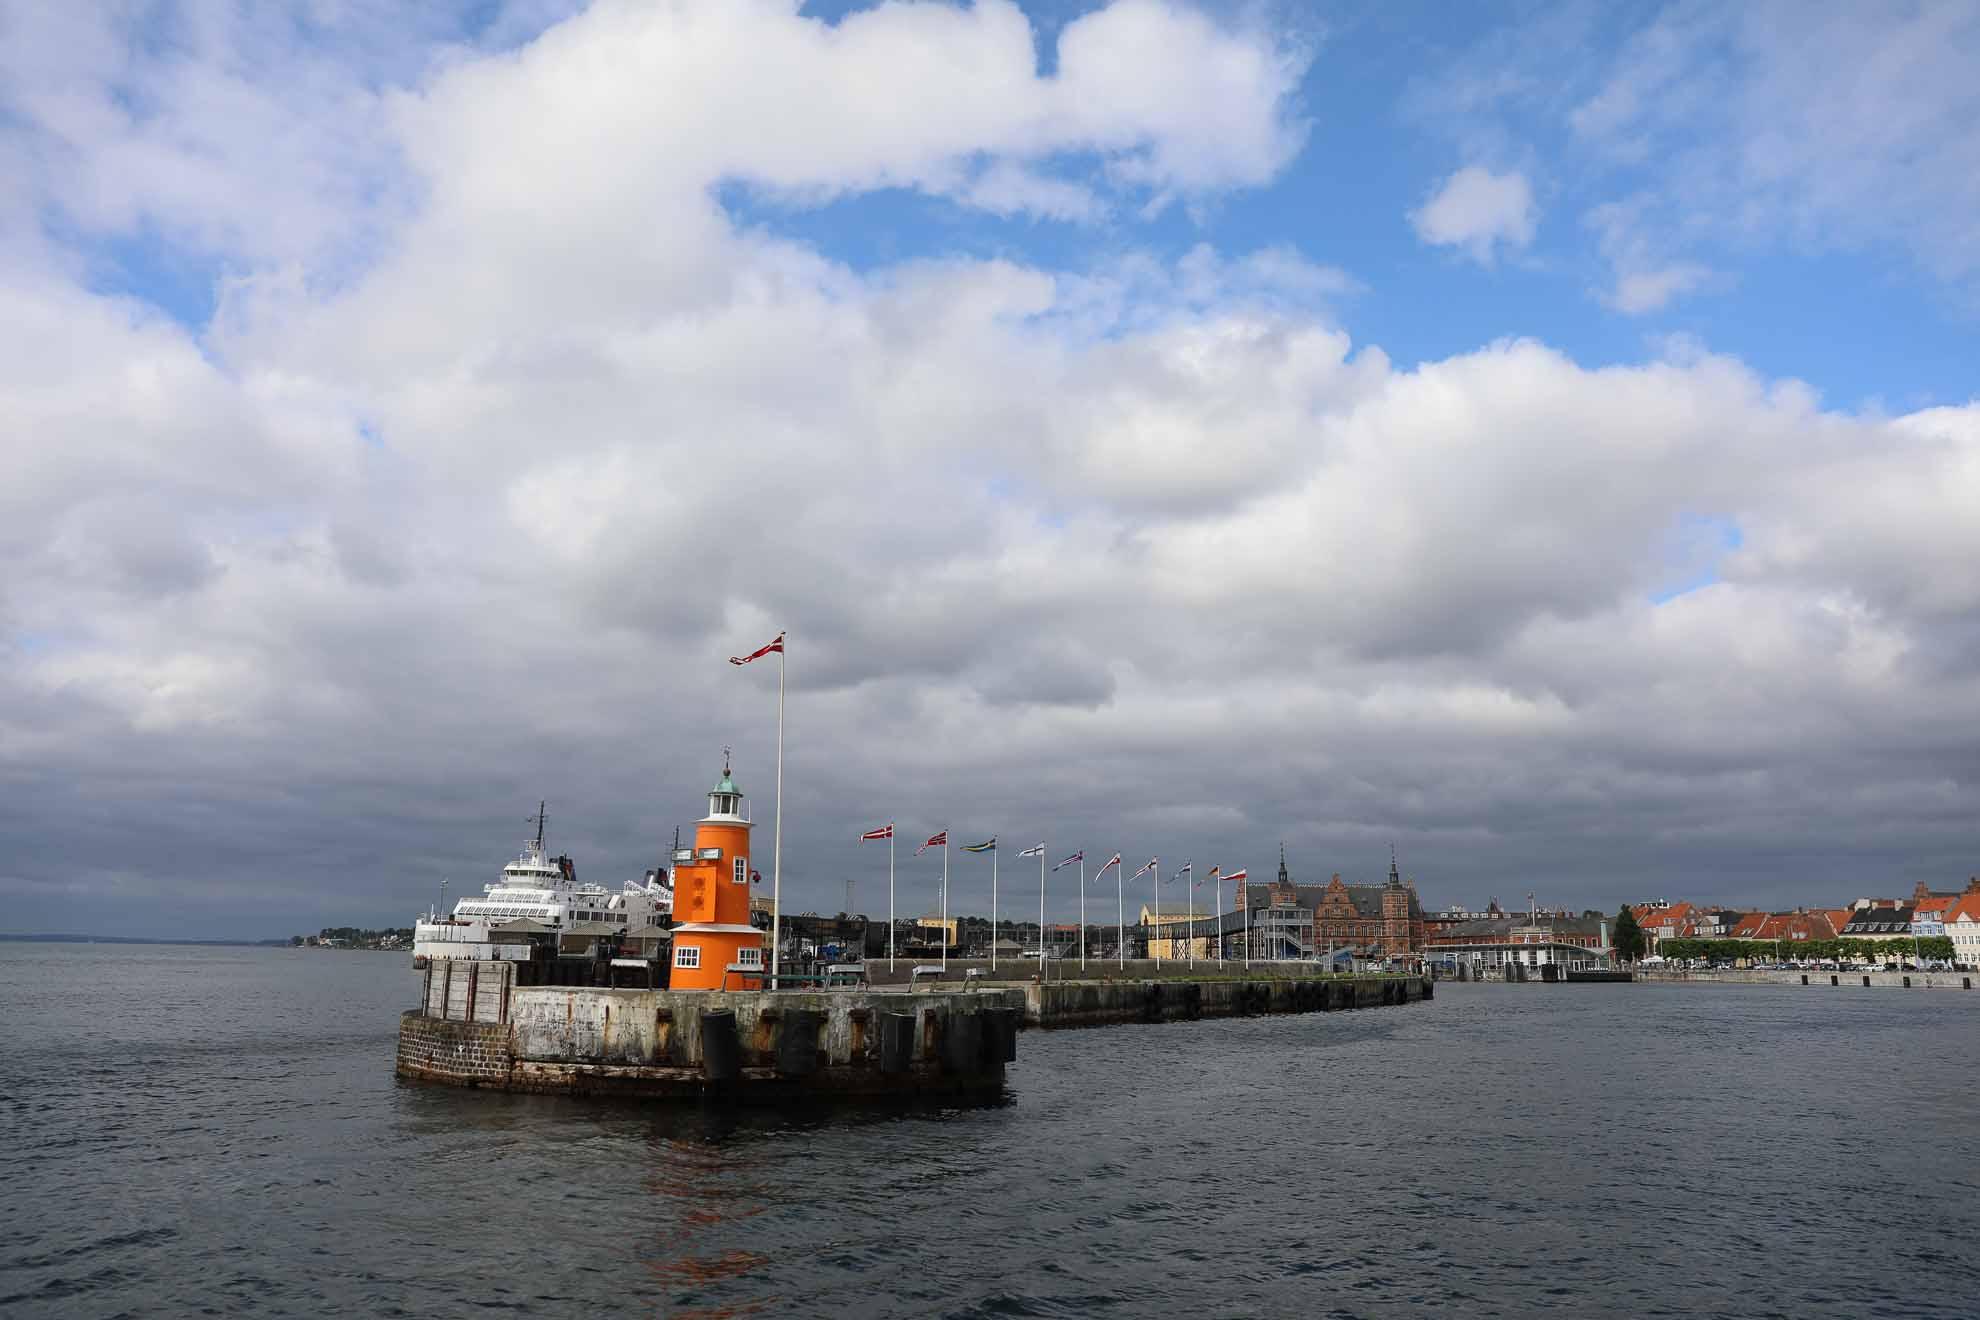 Das Ziel liegt 25 Seemeilen weiter südlich im Öresund – Kopenhagen